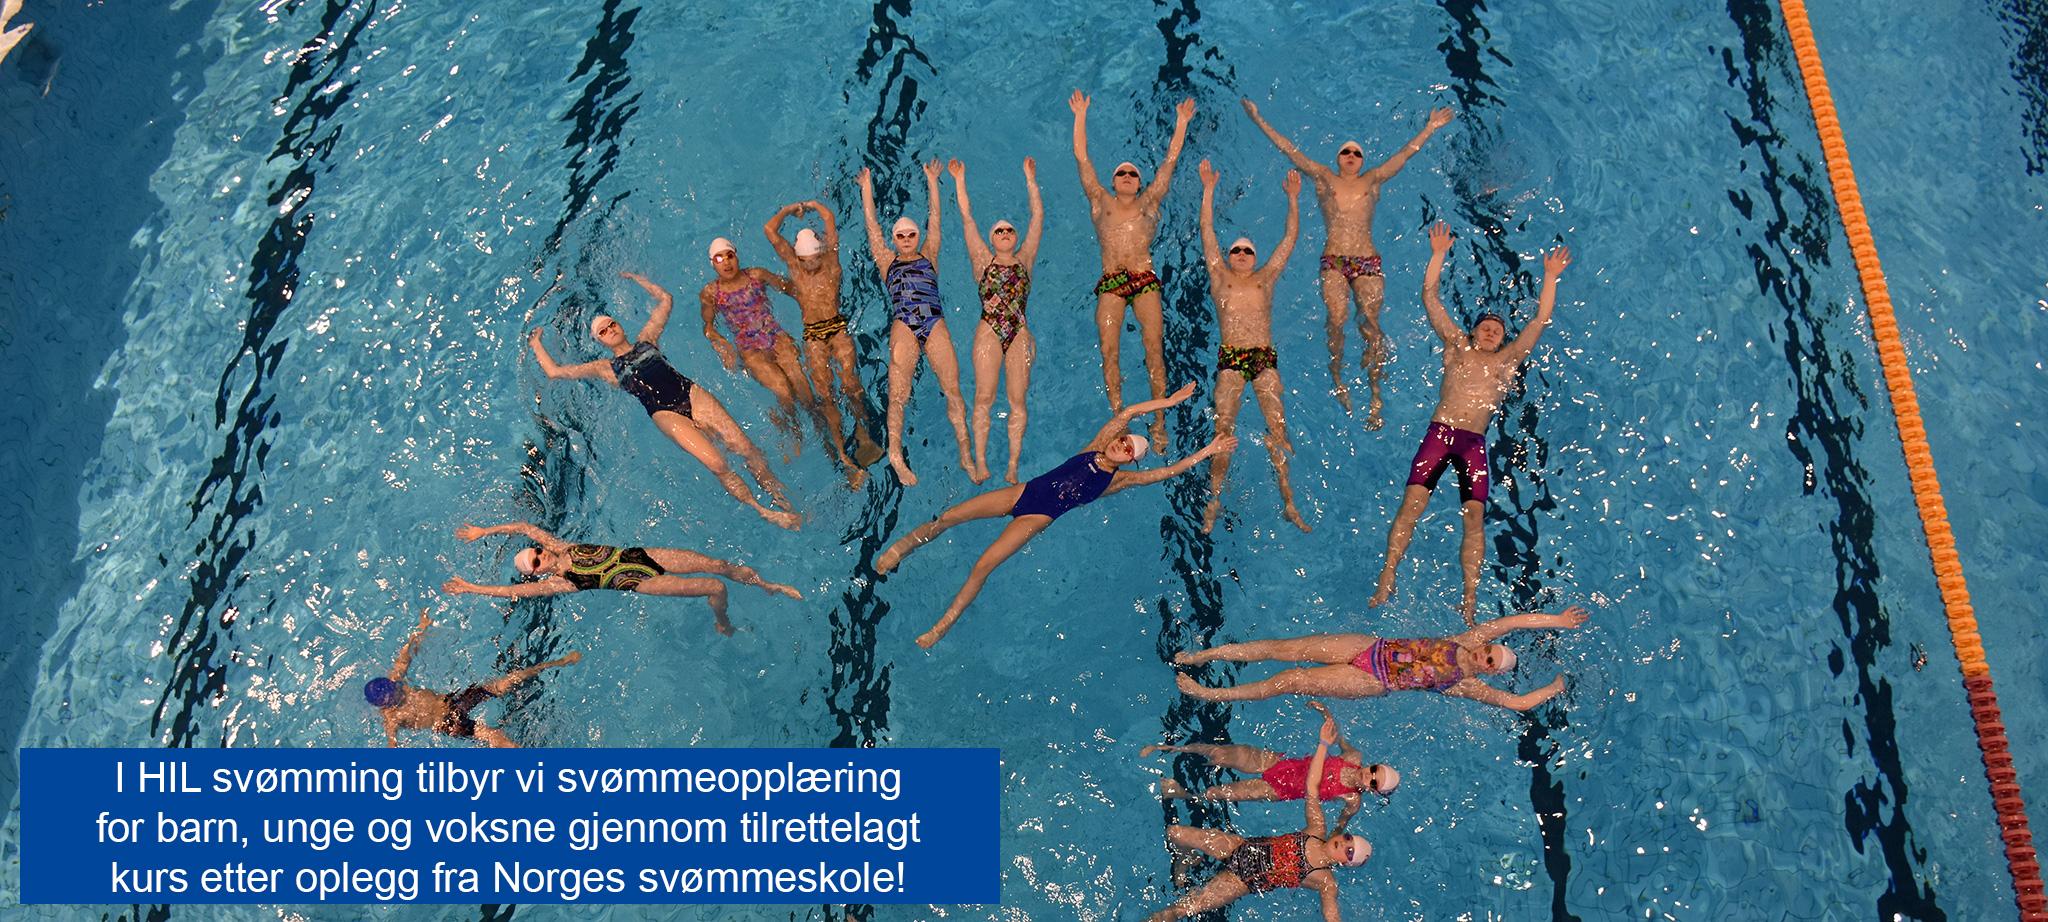 Slider 10 – Svømming